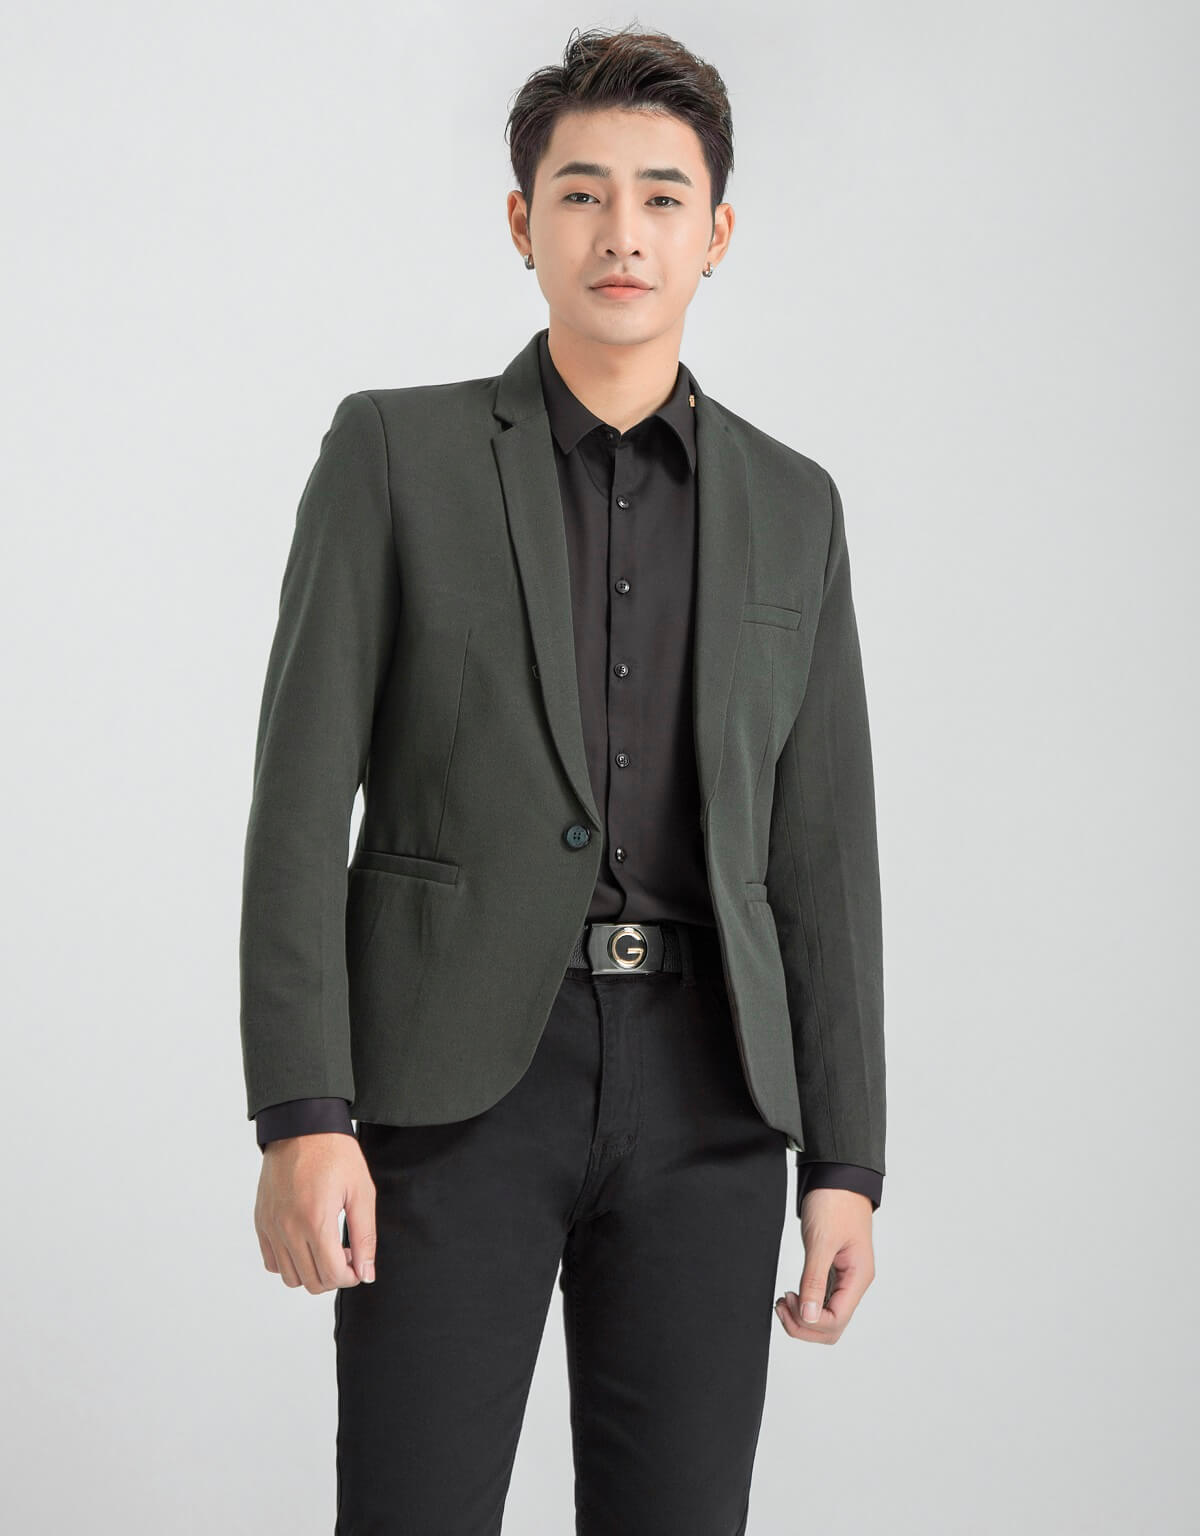 Phân biệt áo blazers với các kiểu áo khác